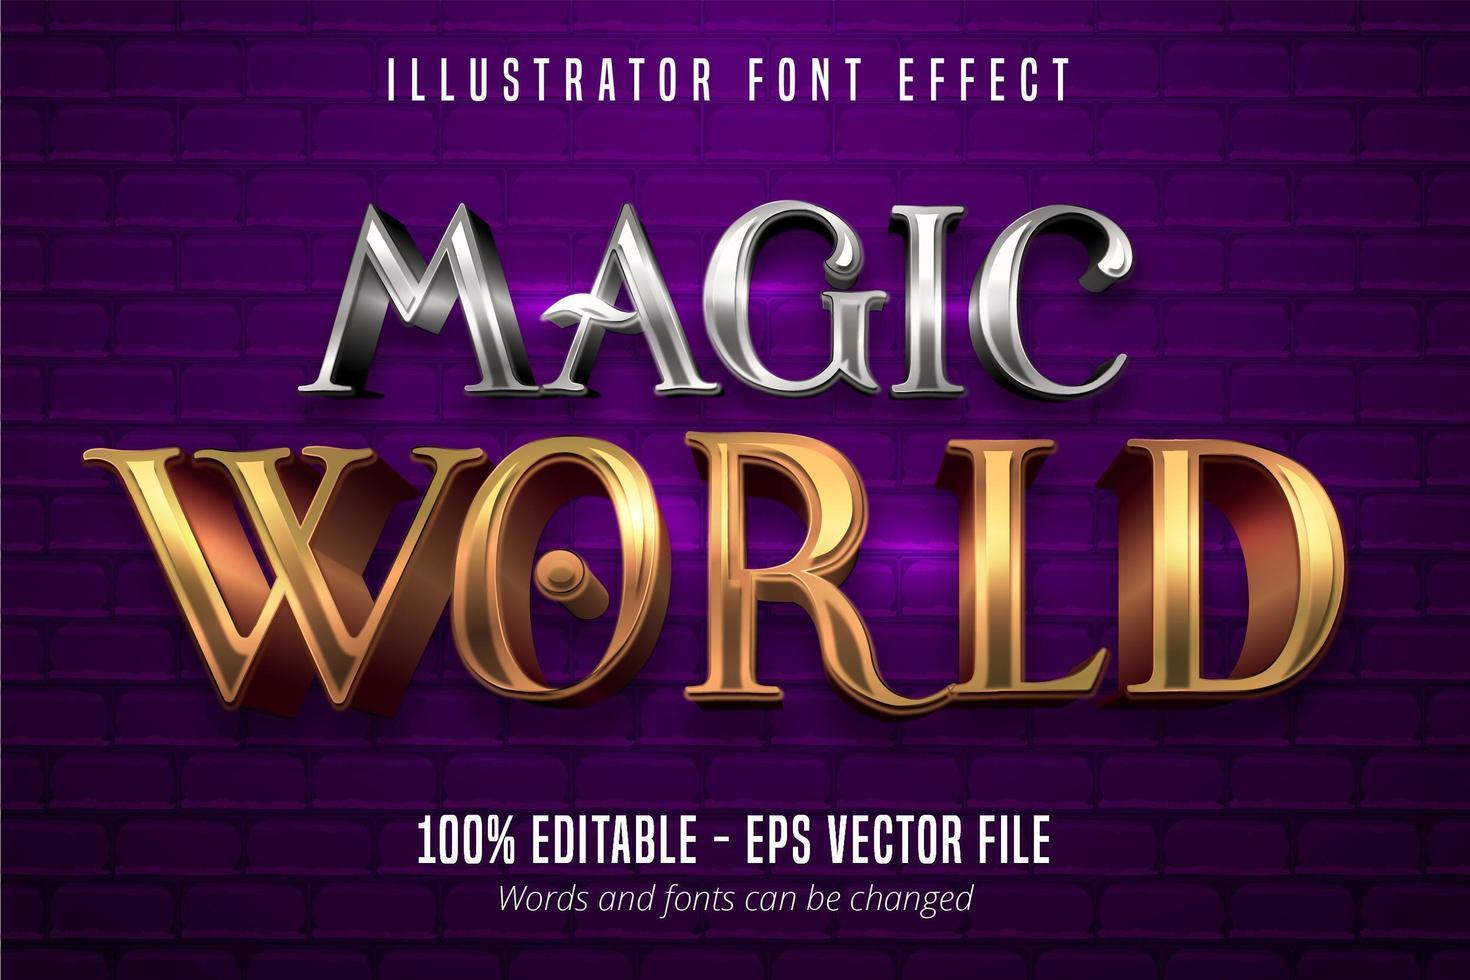 magisk världstext, redigerbar typsnittseffekt för guld och silver i metallisk stil vektor